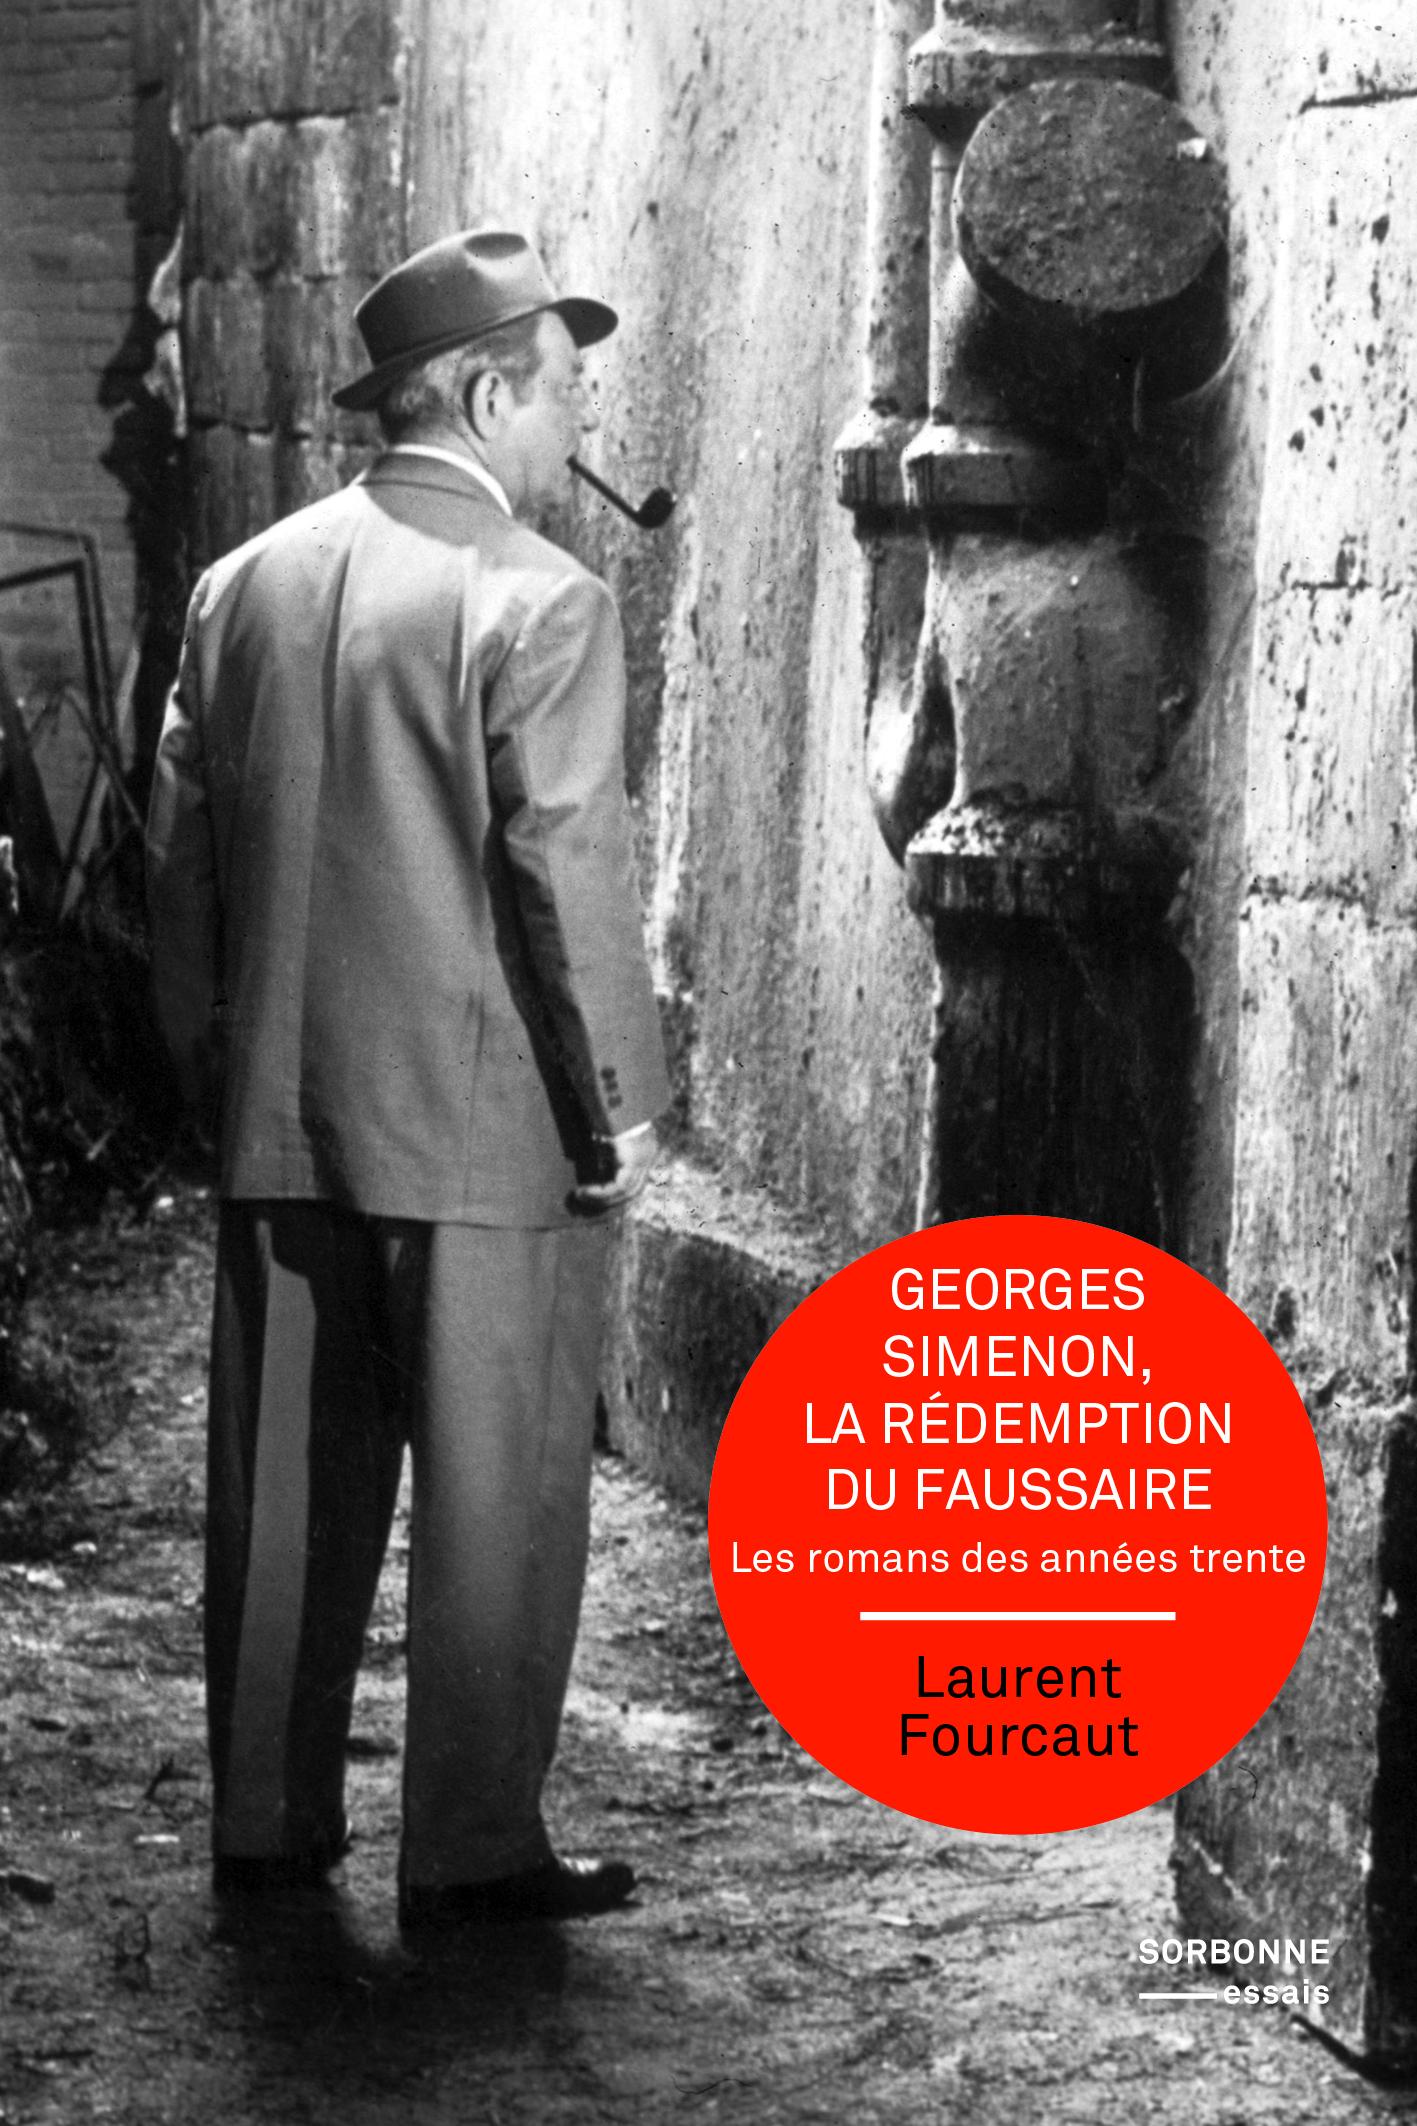 L. Fourcaut, Georges Simenon. La rédemption du faussaire